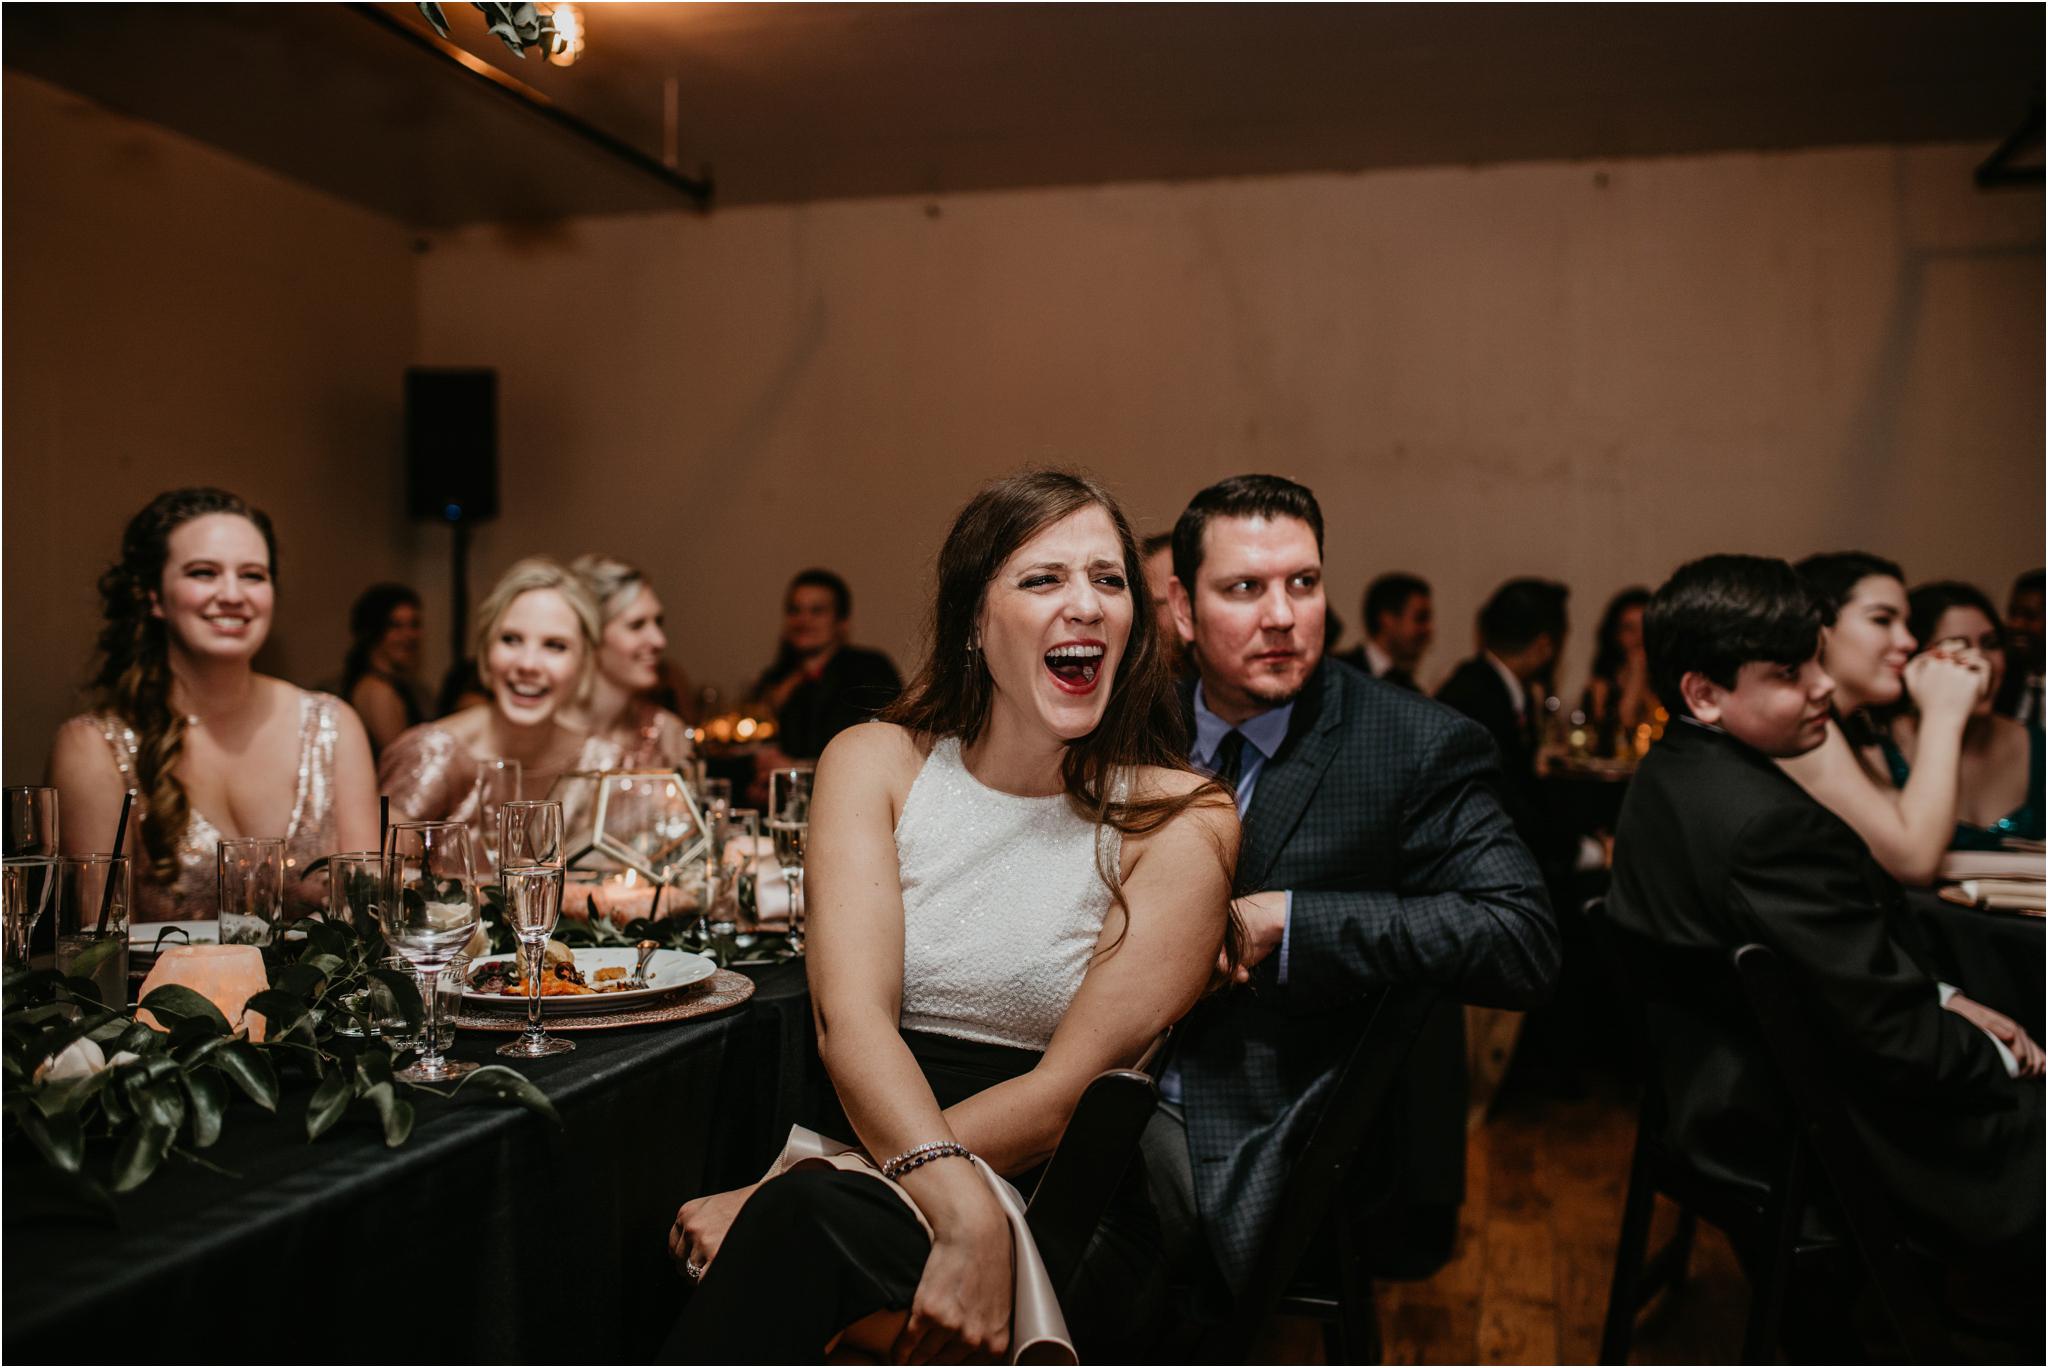 ashley-and-david-fremont-foundry-seattle-washington-wedding-photographer-120.jpg